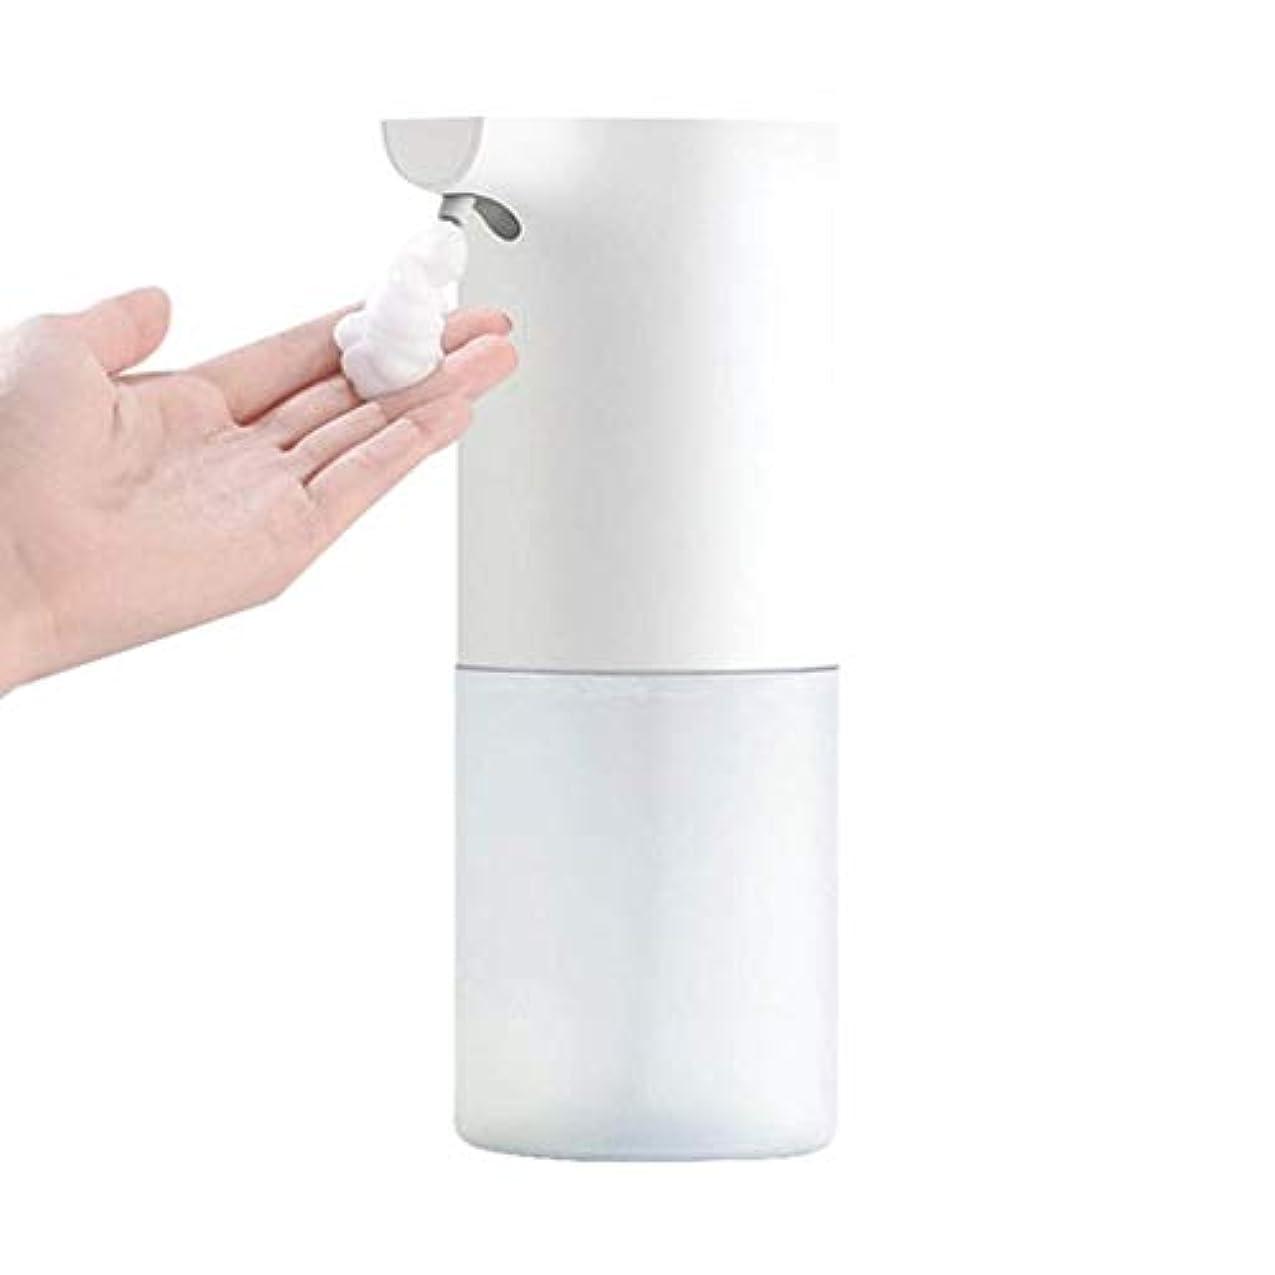 楕円形乱用コミュニティ誘導接触無料ハンドソープボトル手洗い自動洗濯携帯電話浴室キッチンプラスチック材料ローション(色:白、サイズ:7.3 * 7.3 * 19 cm) (Color : White, Size : 7.3*7.3*19cm)